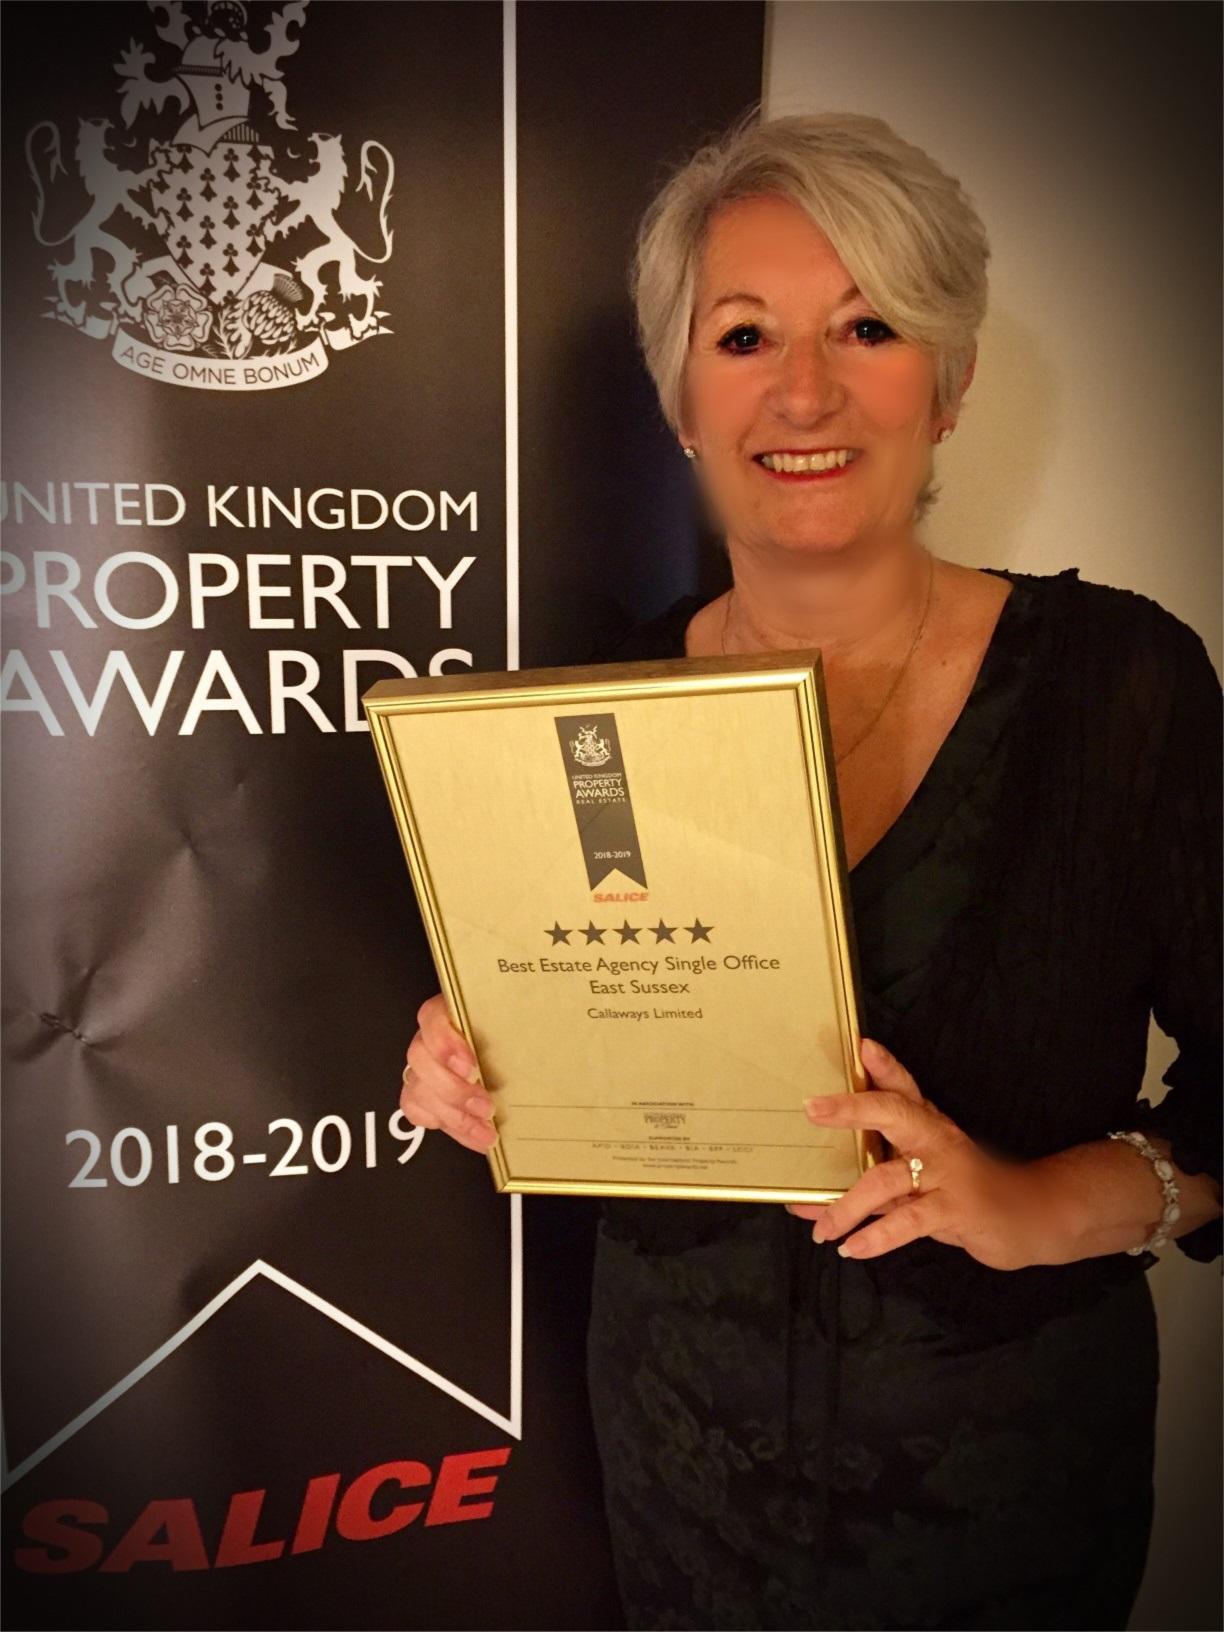 UK Property Awards 2018